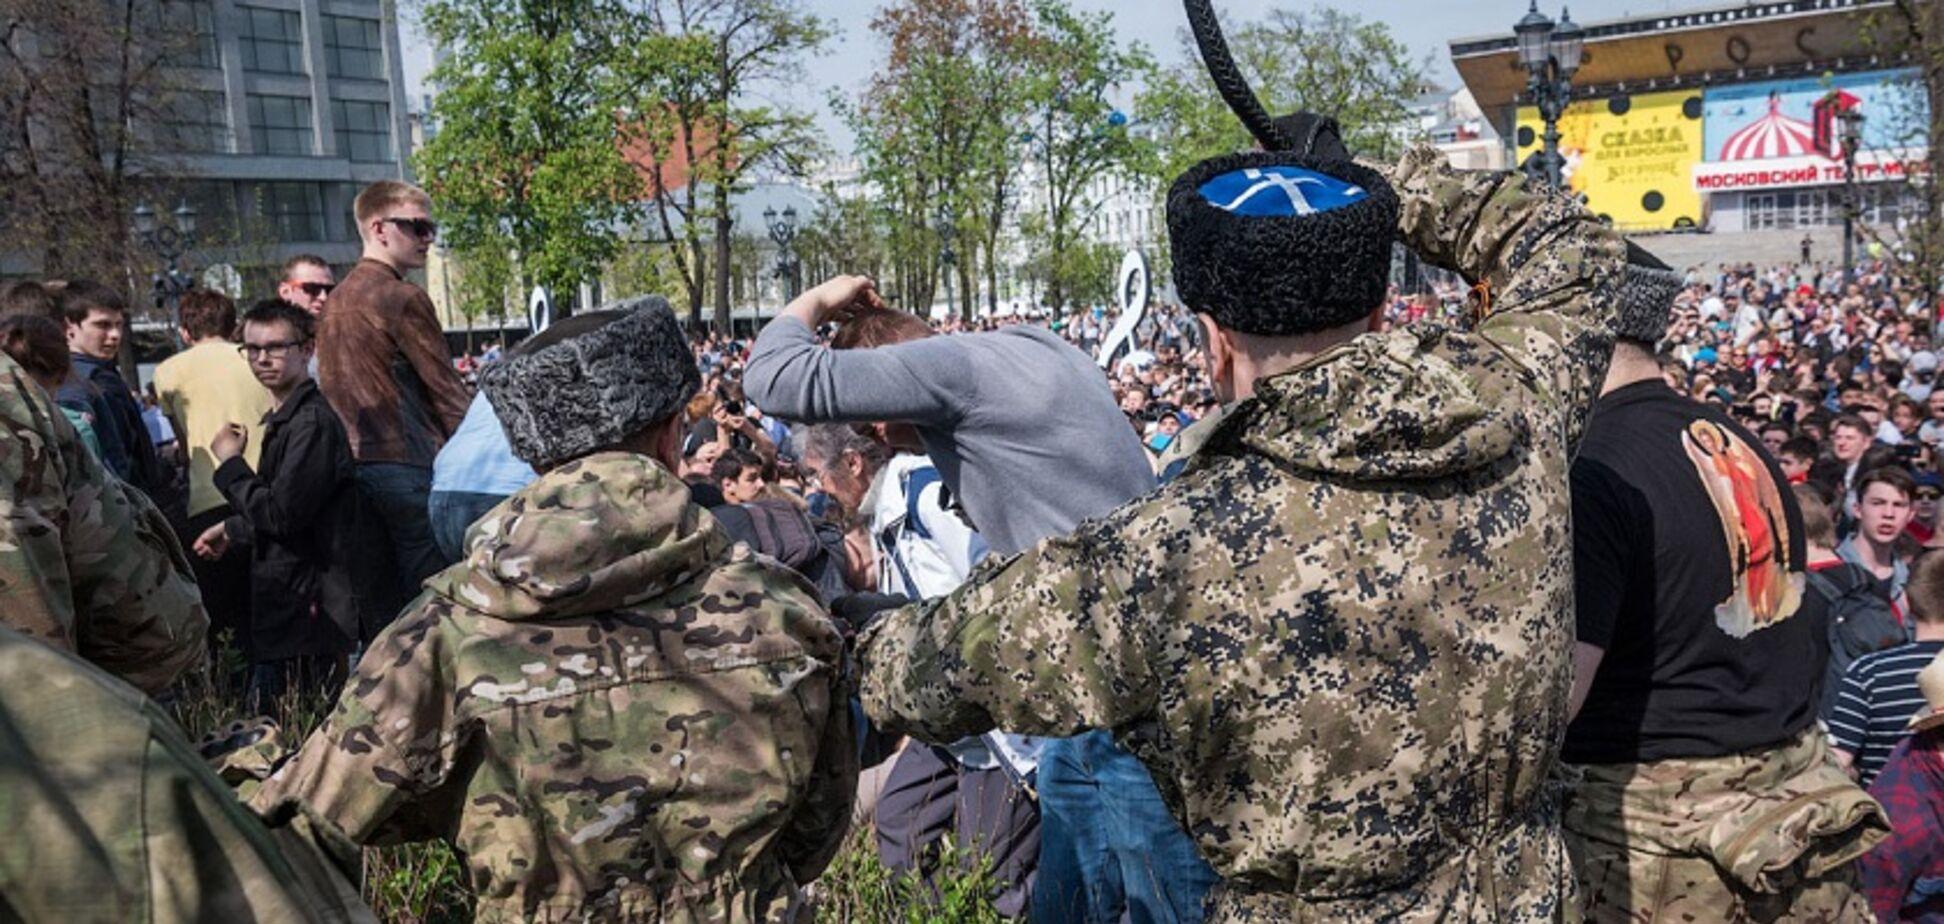 Били нагайками та погрожували: козаків із Криму помітили на мітингу в Москві